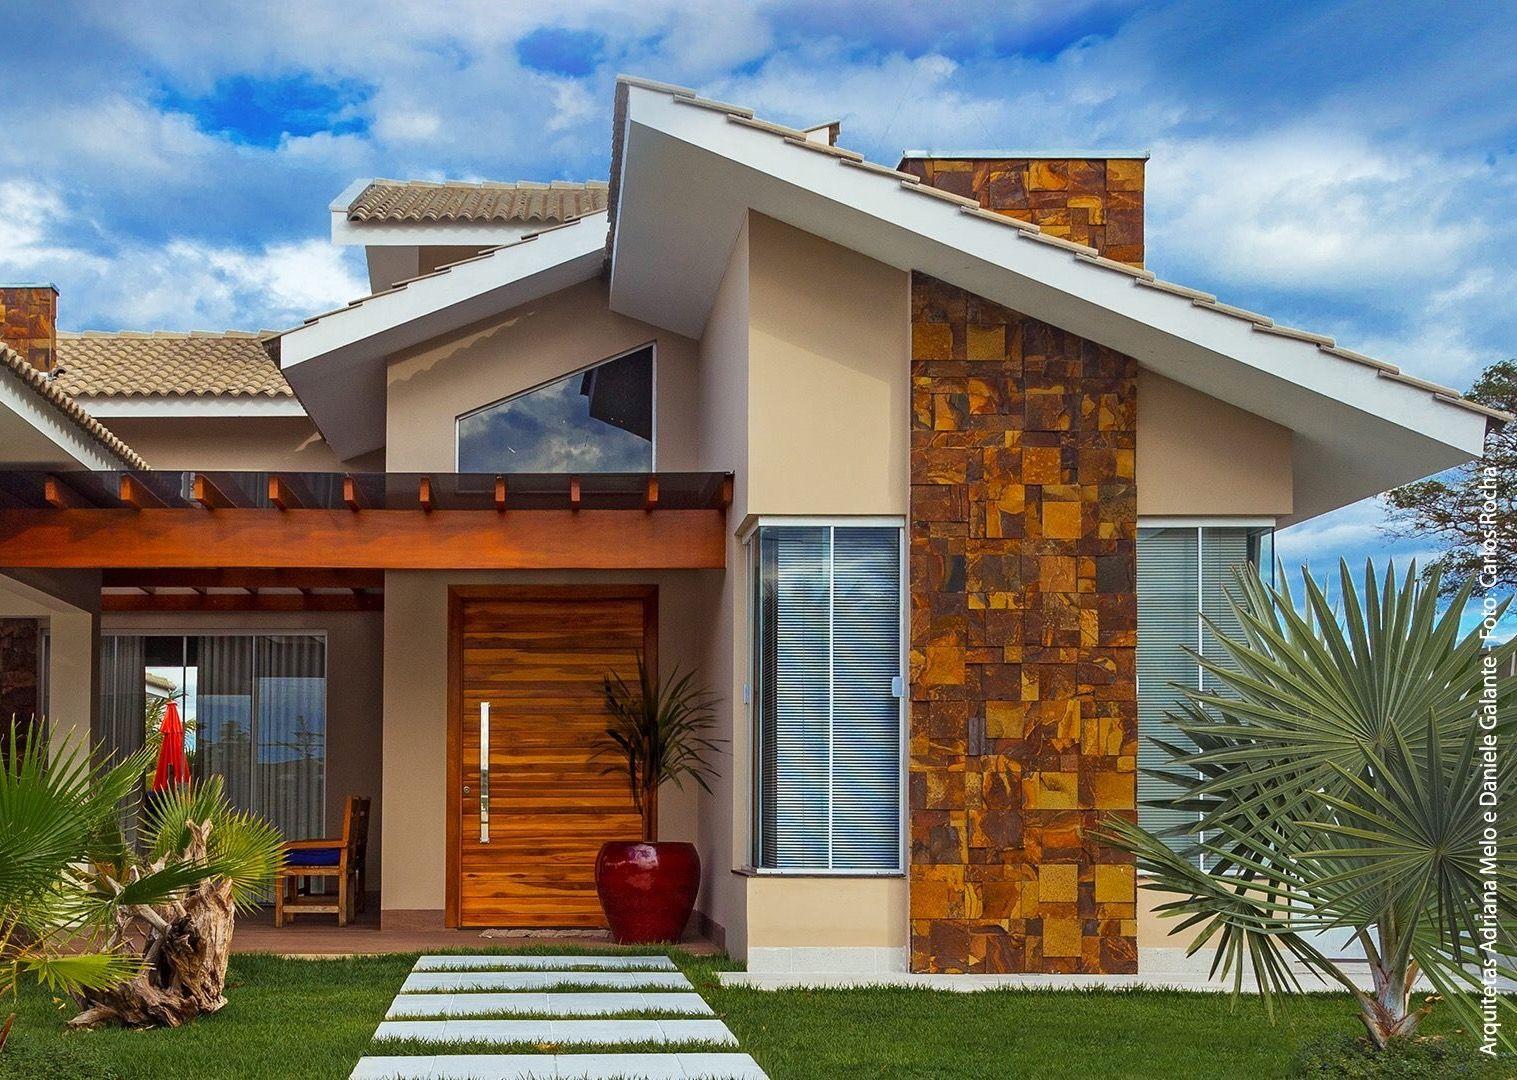 Pin von bryza auf Fachada casa | Pinterest | Mathe, Gebäude und Luxus